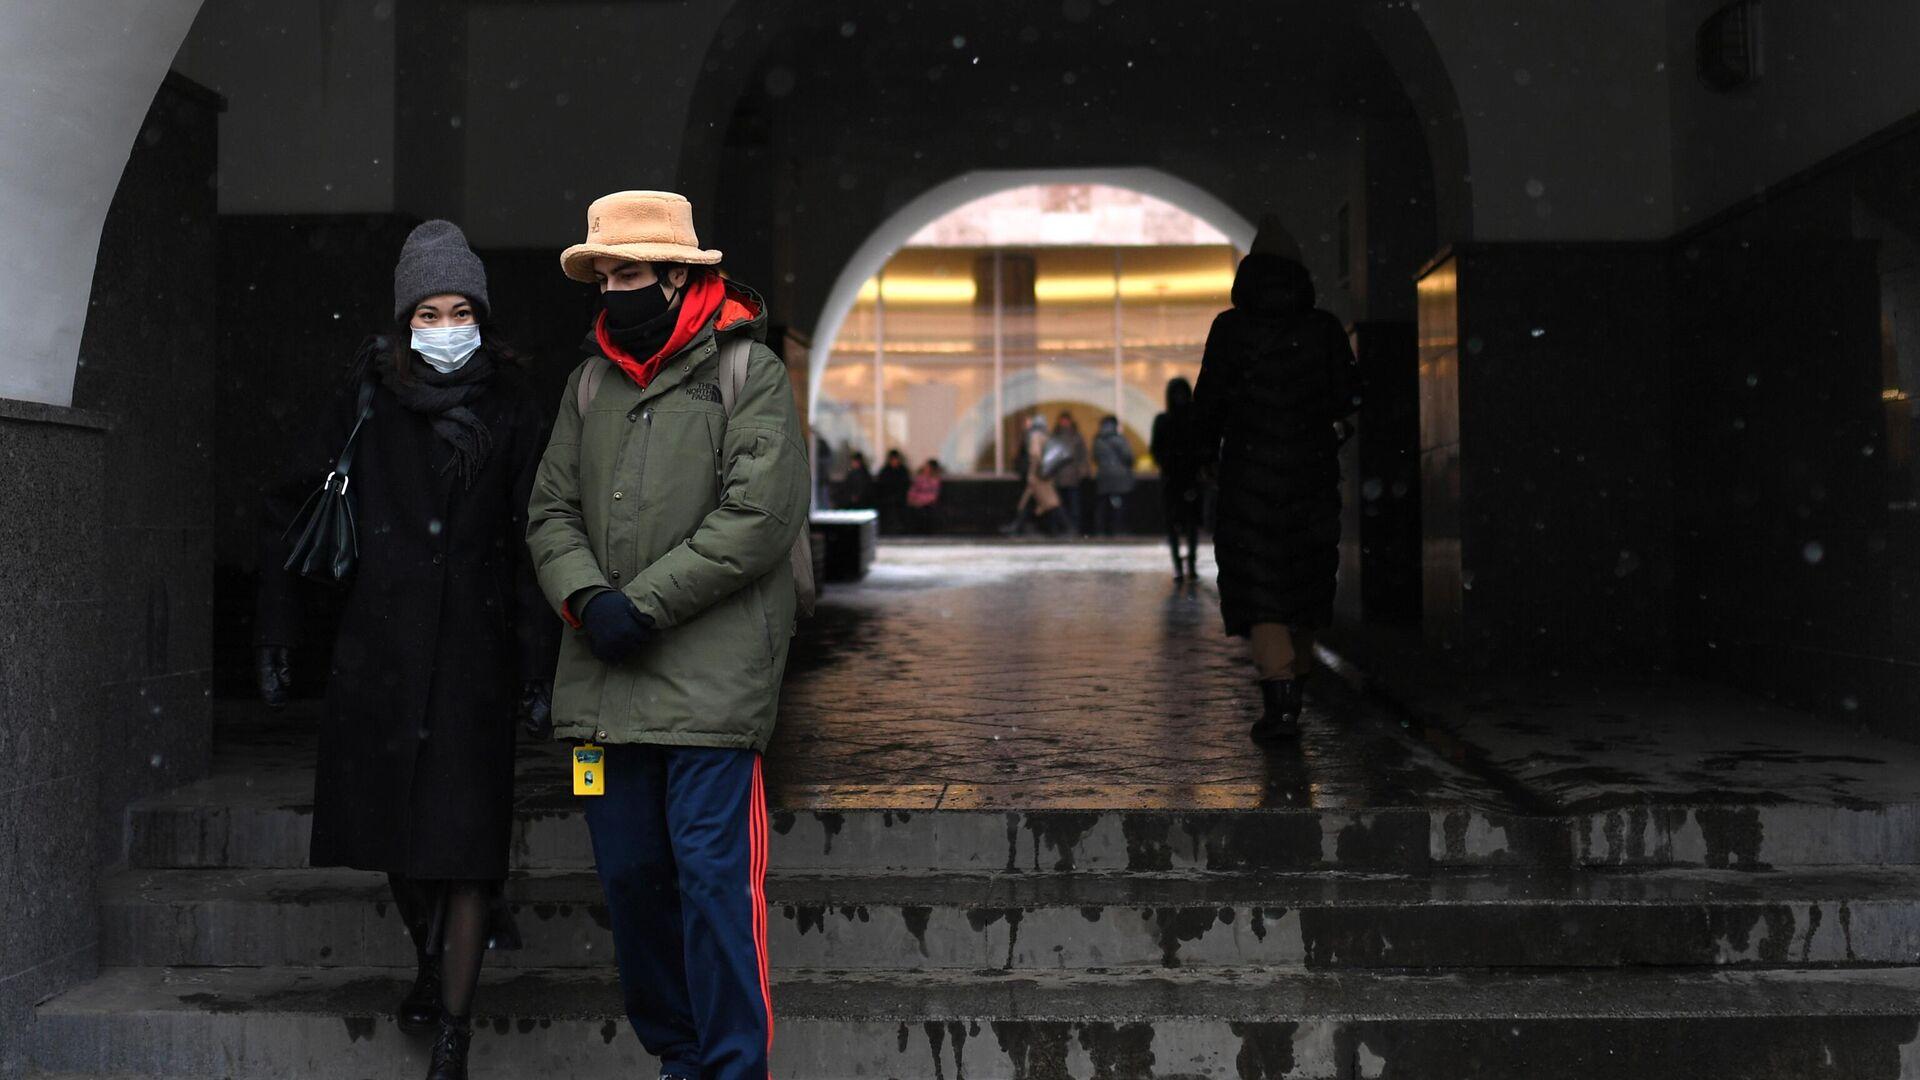 Прохожие в защитных масках на одной из улиц в Москве - РИА Новости, 1920, 14.12.2020